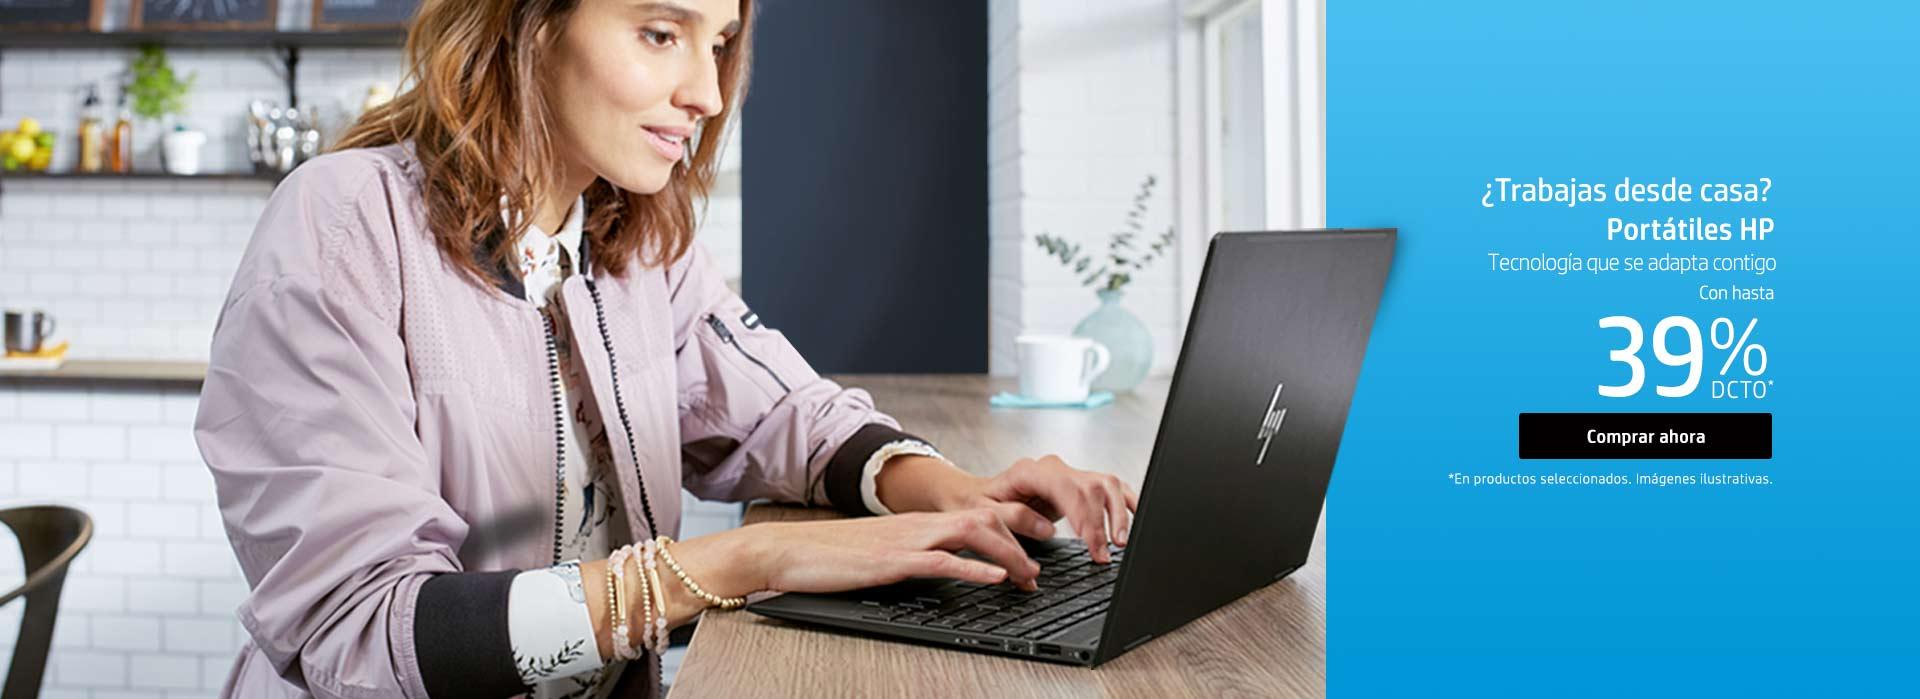 ¿Trabajas desde casa? Portátiles HP. Tecnología que se adapta contigo. Ahorra hasta 39% dcto